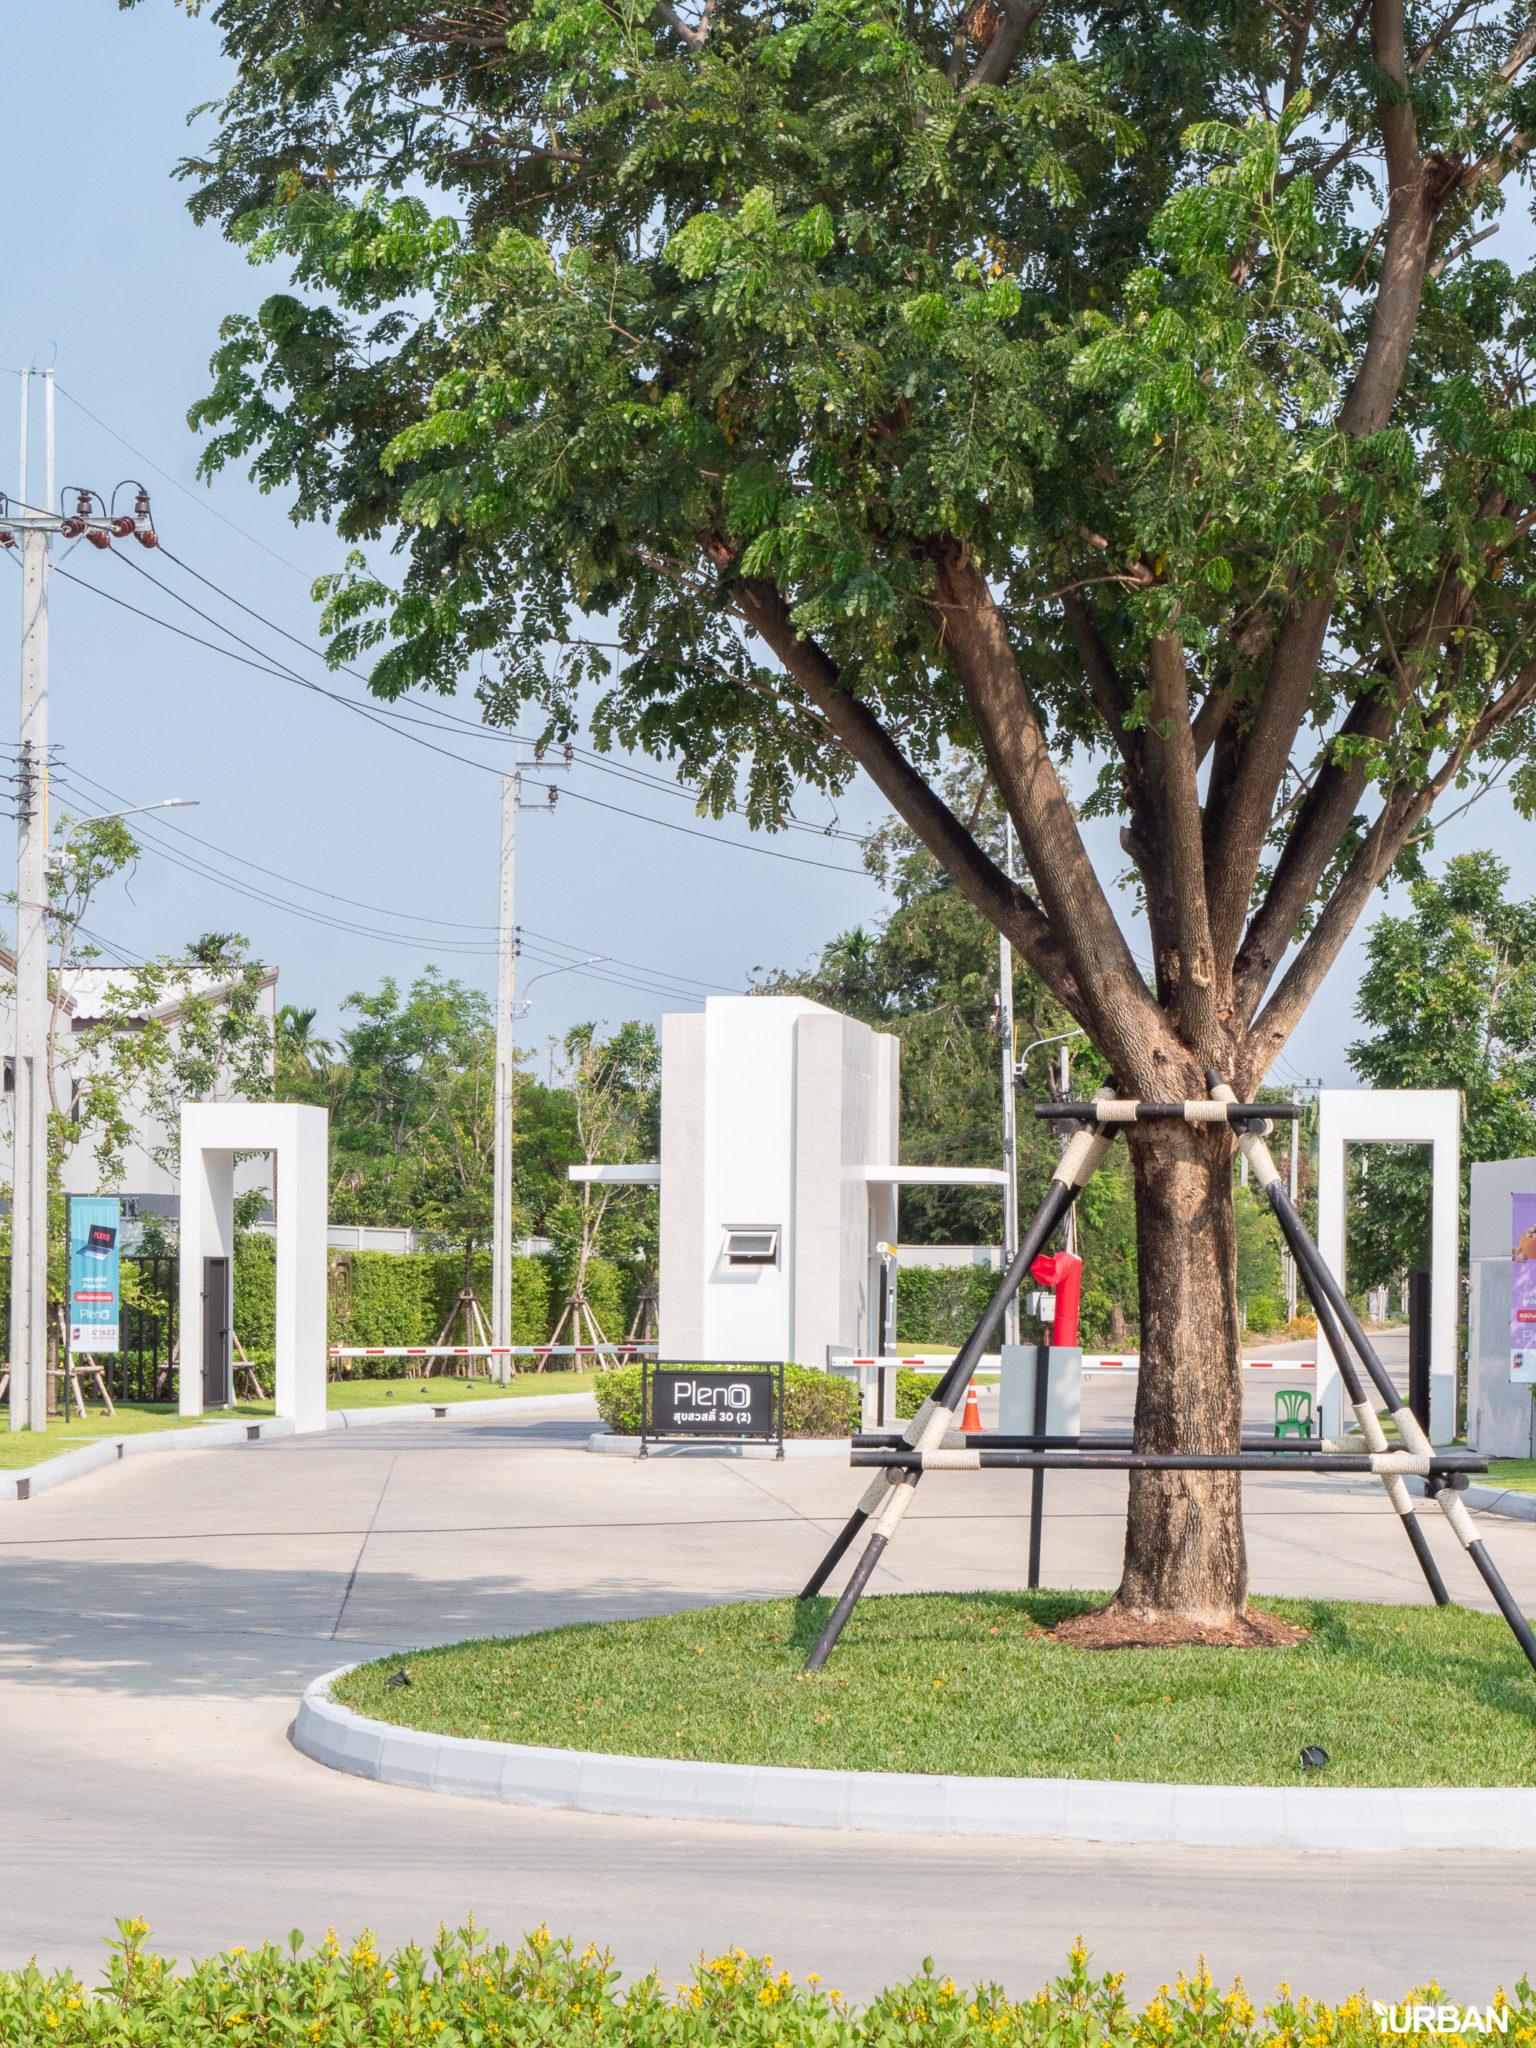 7 โครงการบ้านเอพีช่วยผ่อน 30 เดือน สุขสวัสดิ์-ประชาอุทิศ เข้าเมืองง่าย ทาวน์โฮม-บ้าน เริ่ม 1.99 ล้าน 272 - AP (Thailand) - เอพี (ไทยแลนด์)